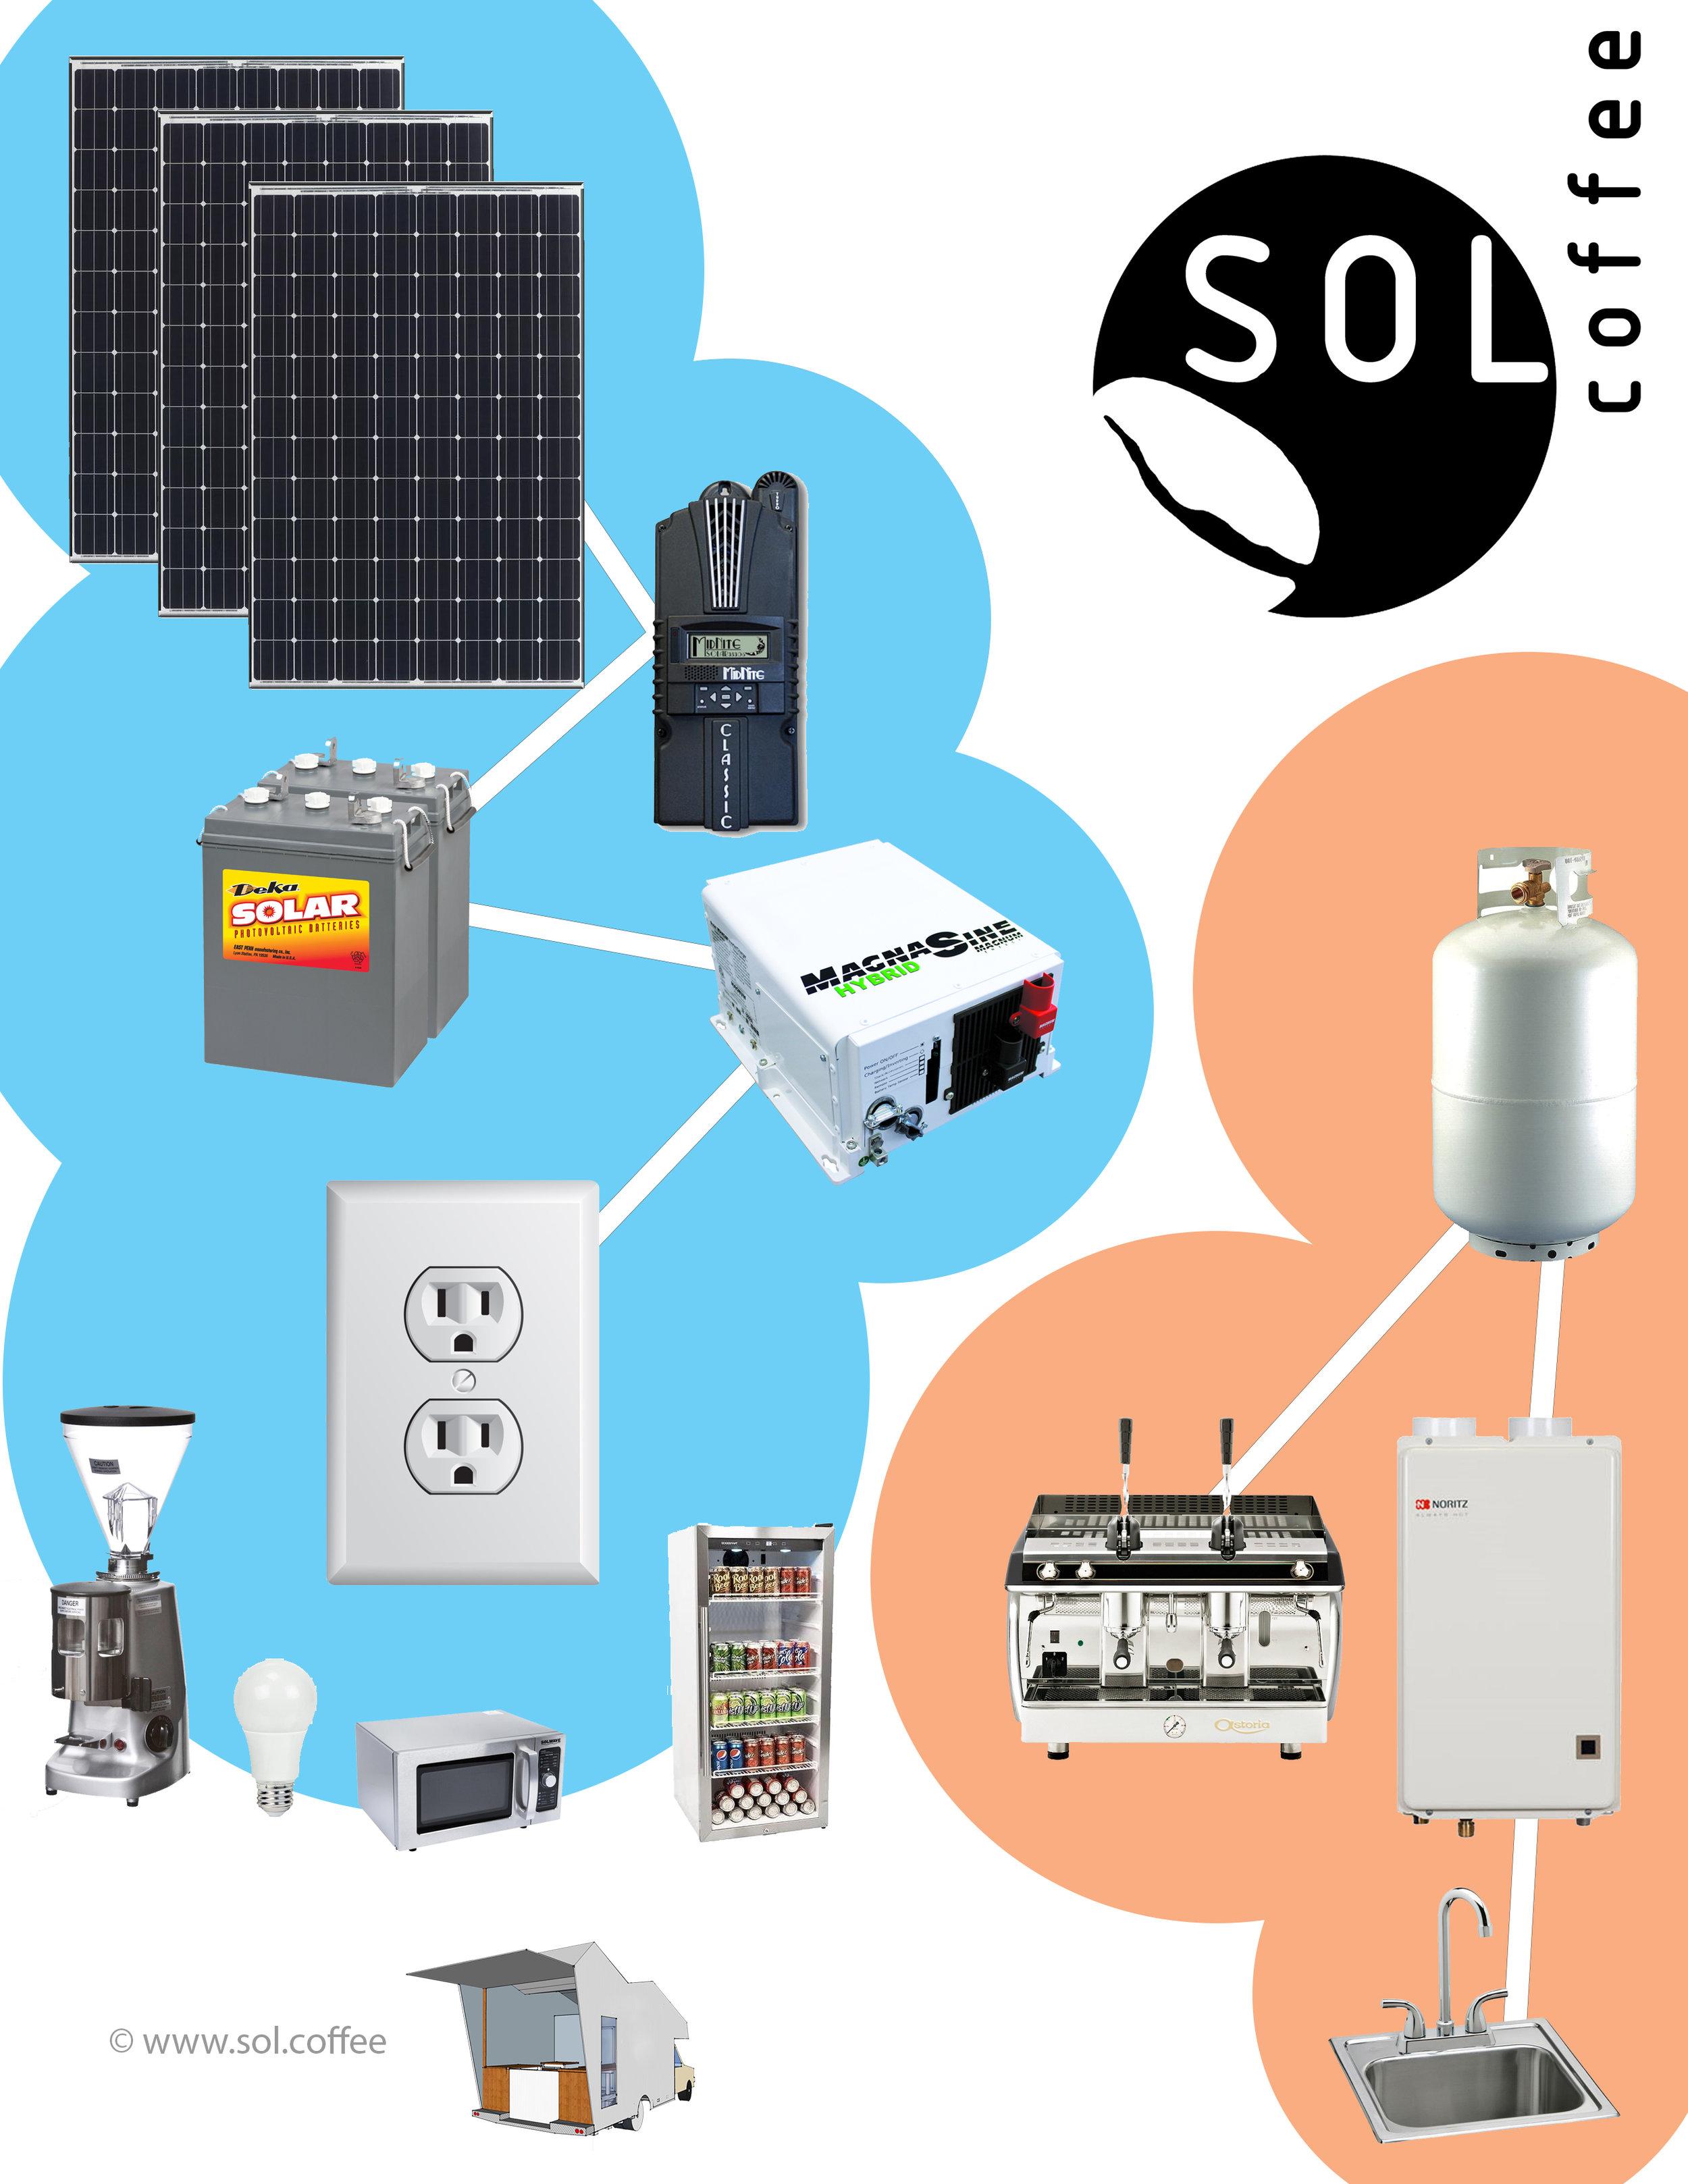 solar poster.jpg